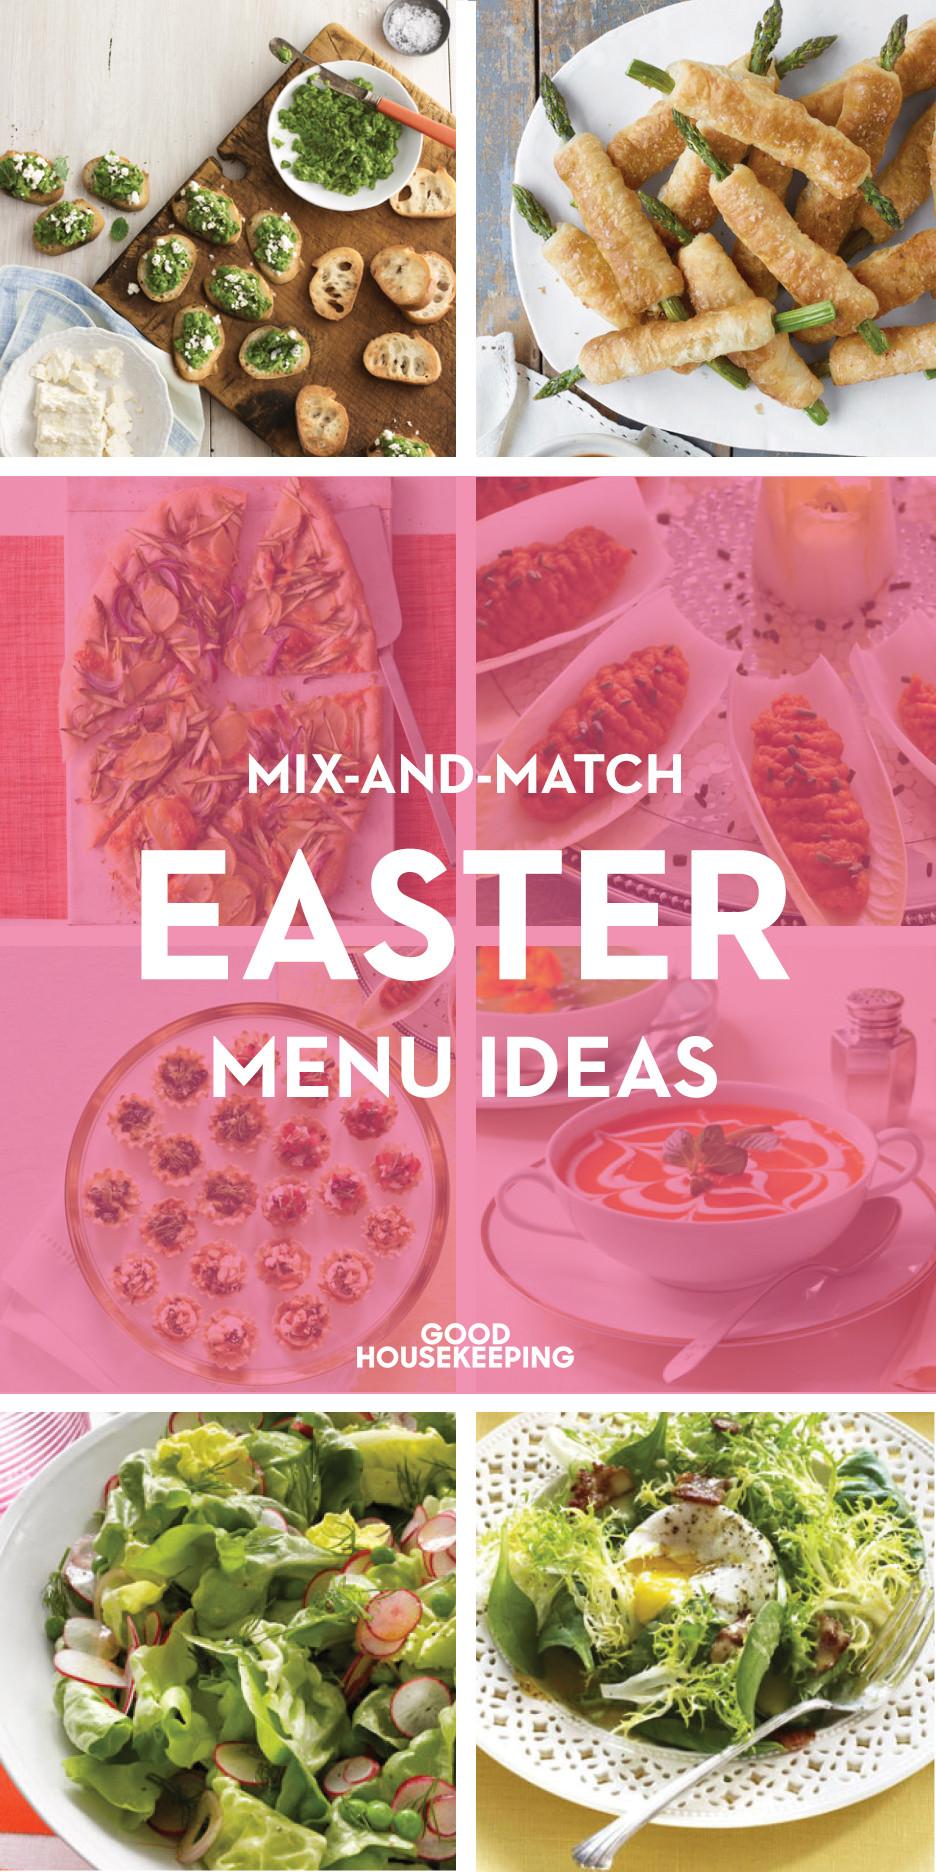 Menu For Easter Dinner  65 Easter Dinner Menu Ideas Easy Recipes for Easter Dinner